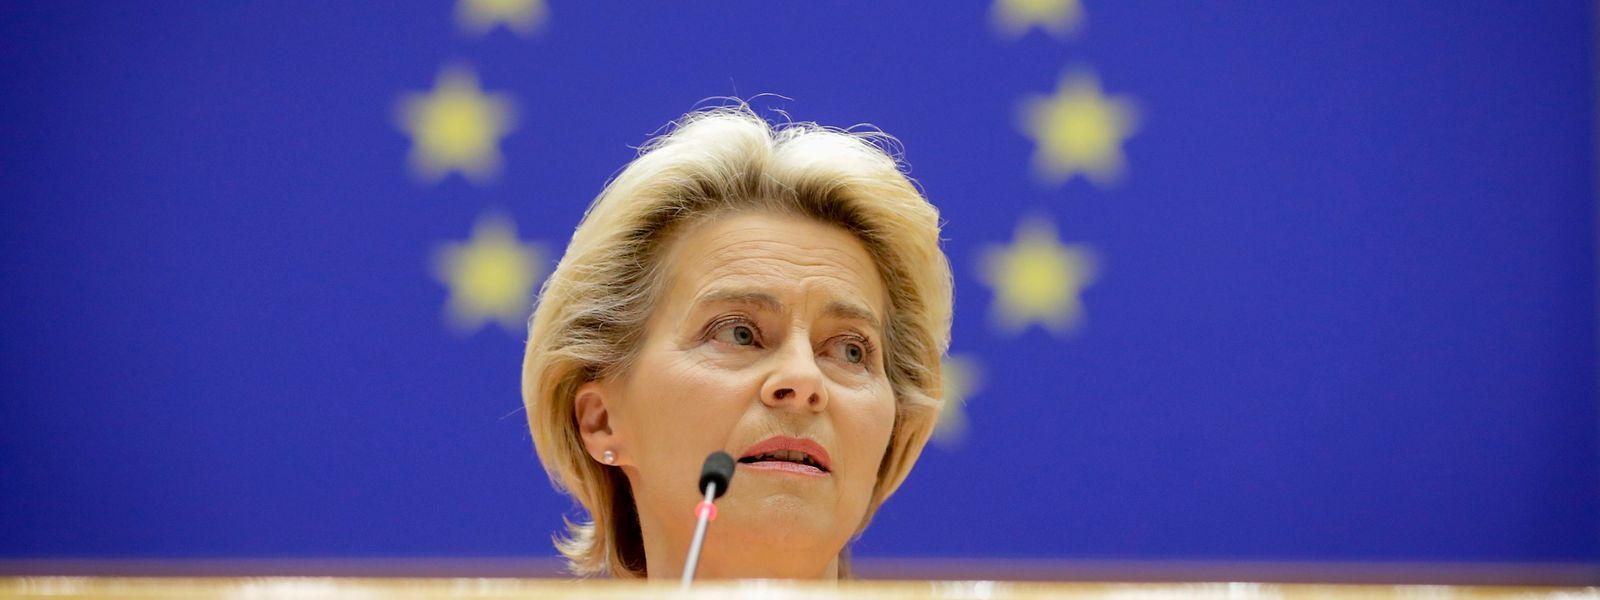 «Nous faisons oeuvre de pionnier en élaborant une norme de l'UE solide en matière d'obligations vertes», affirme Ursula von der Leyen